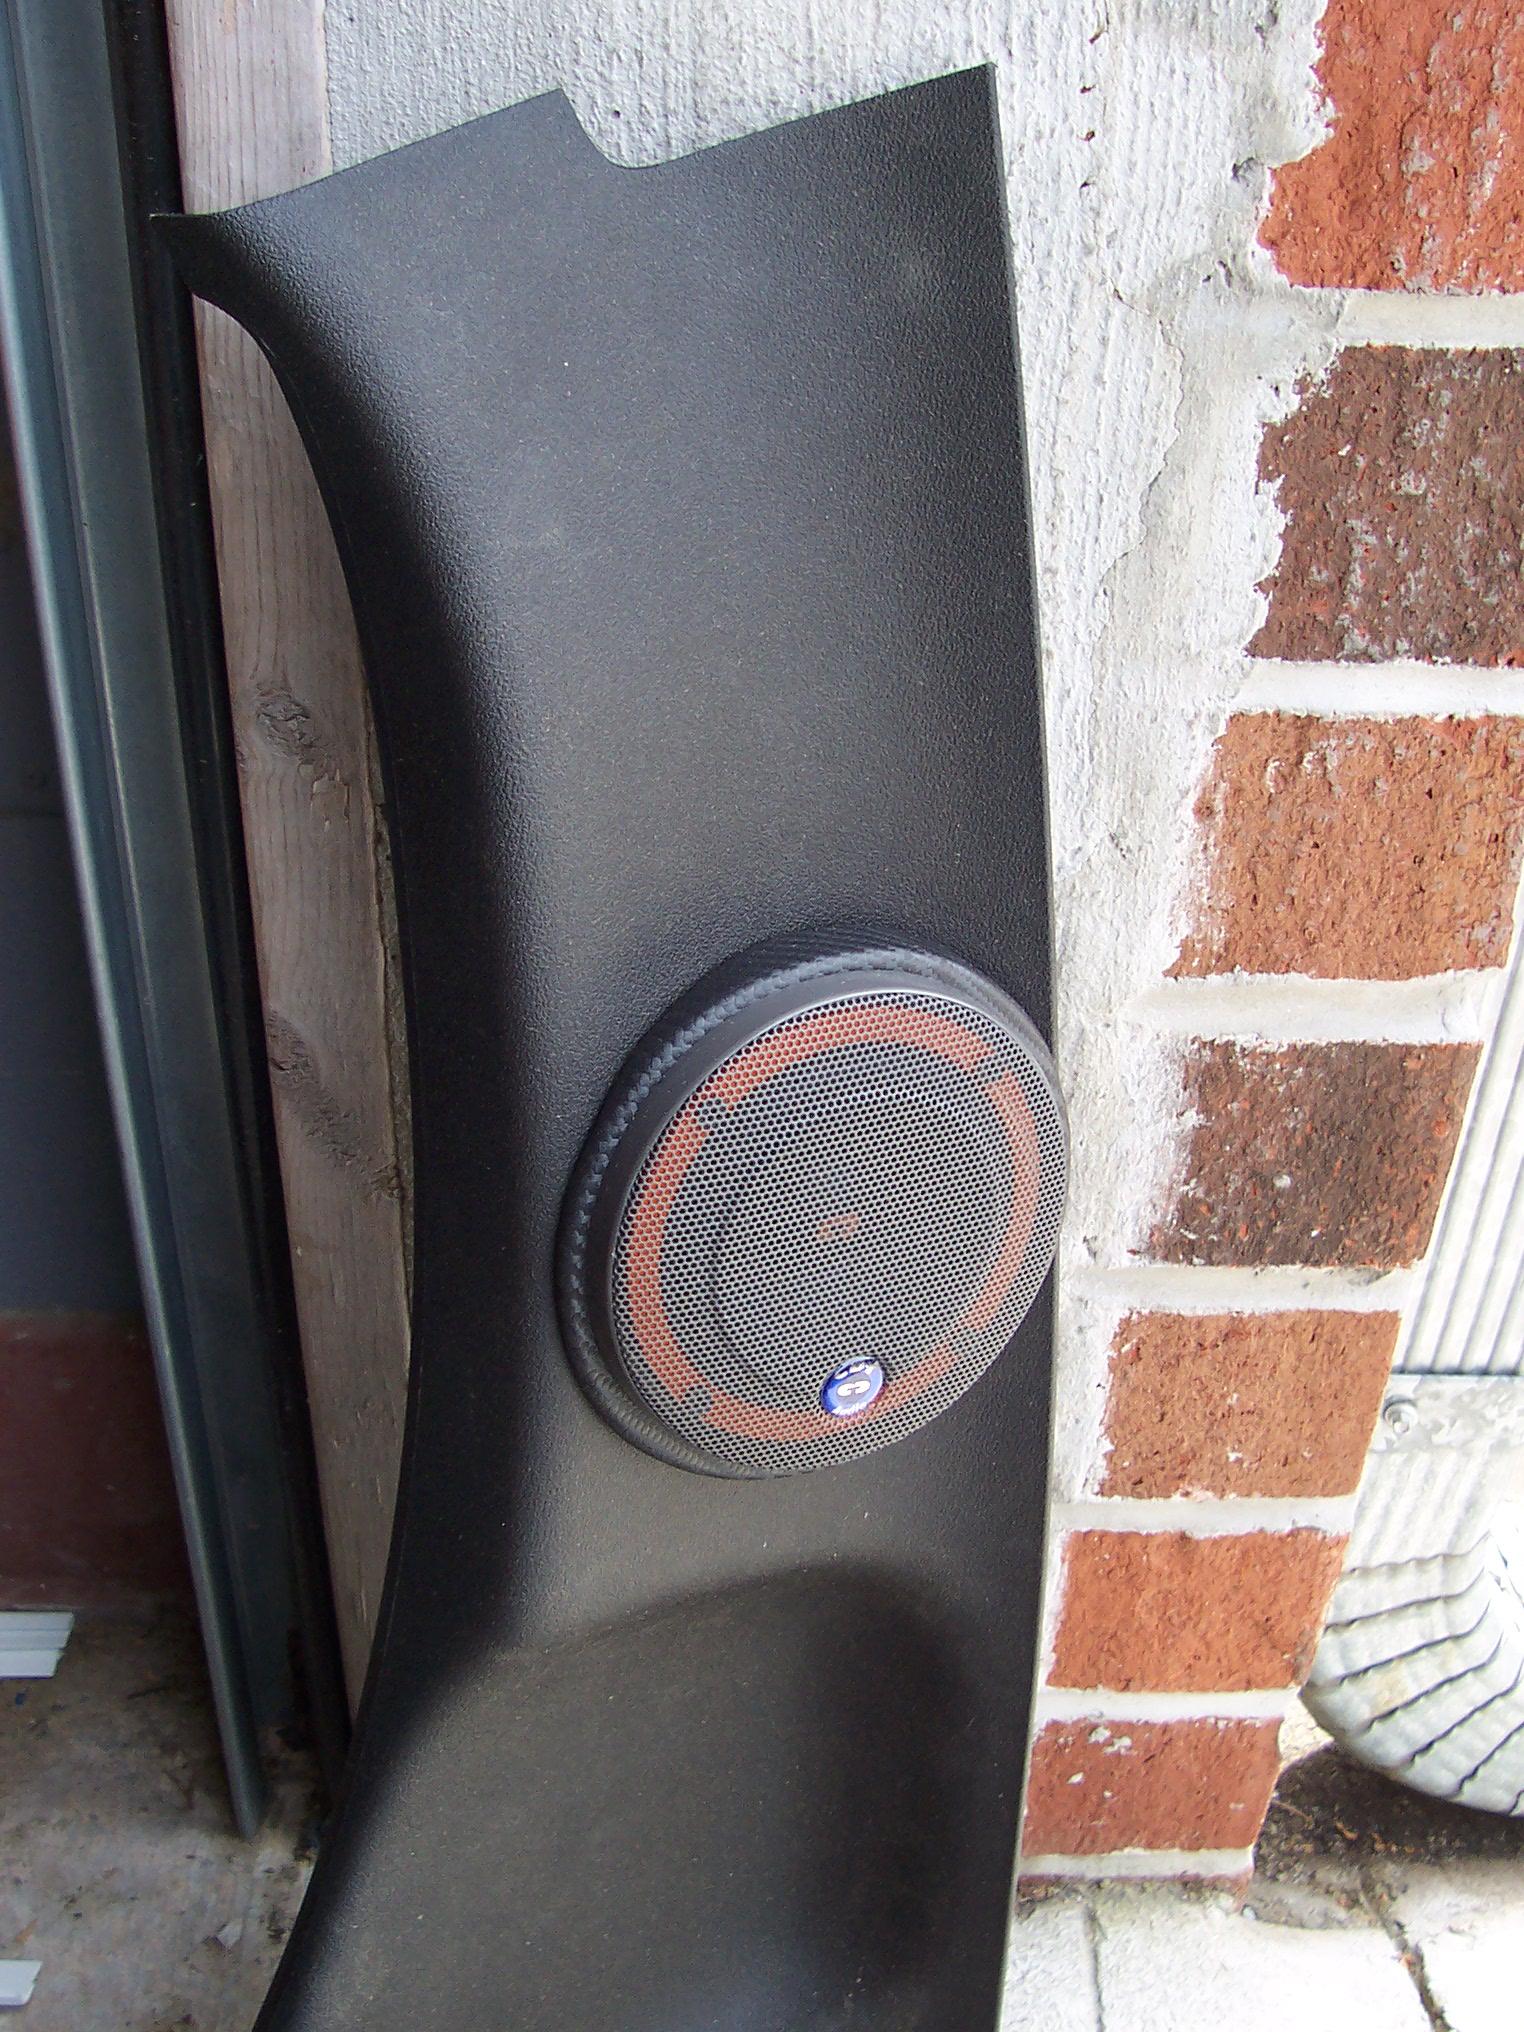 Pics of Speaker/Amp Install-100_3653.jpg